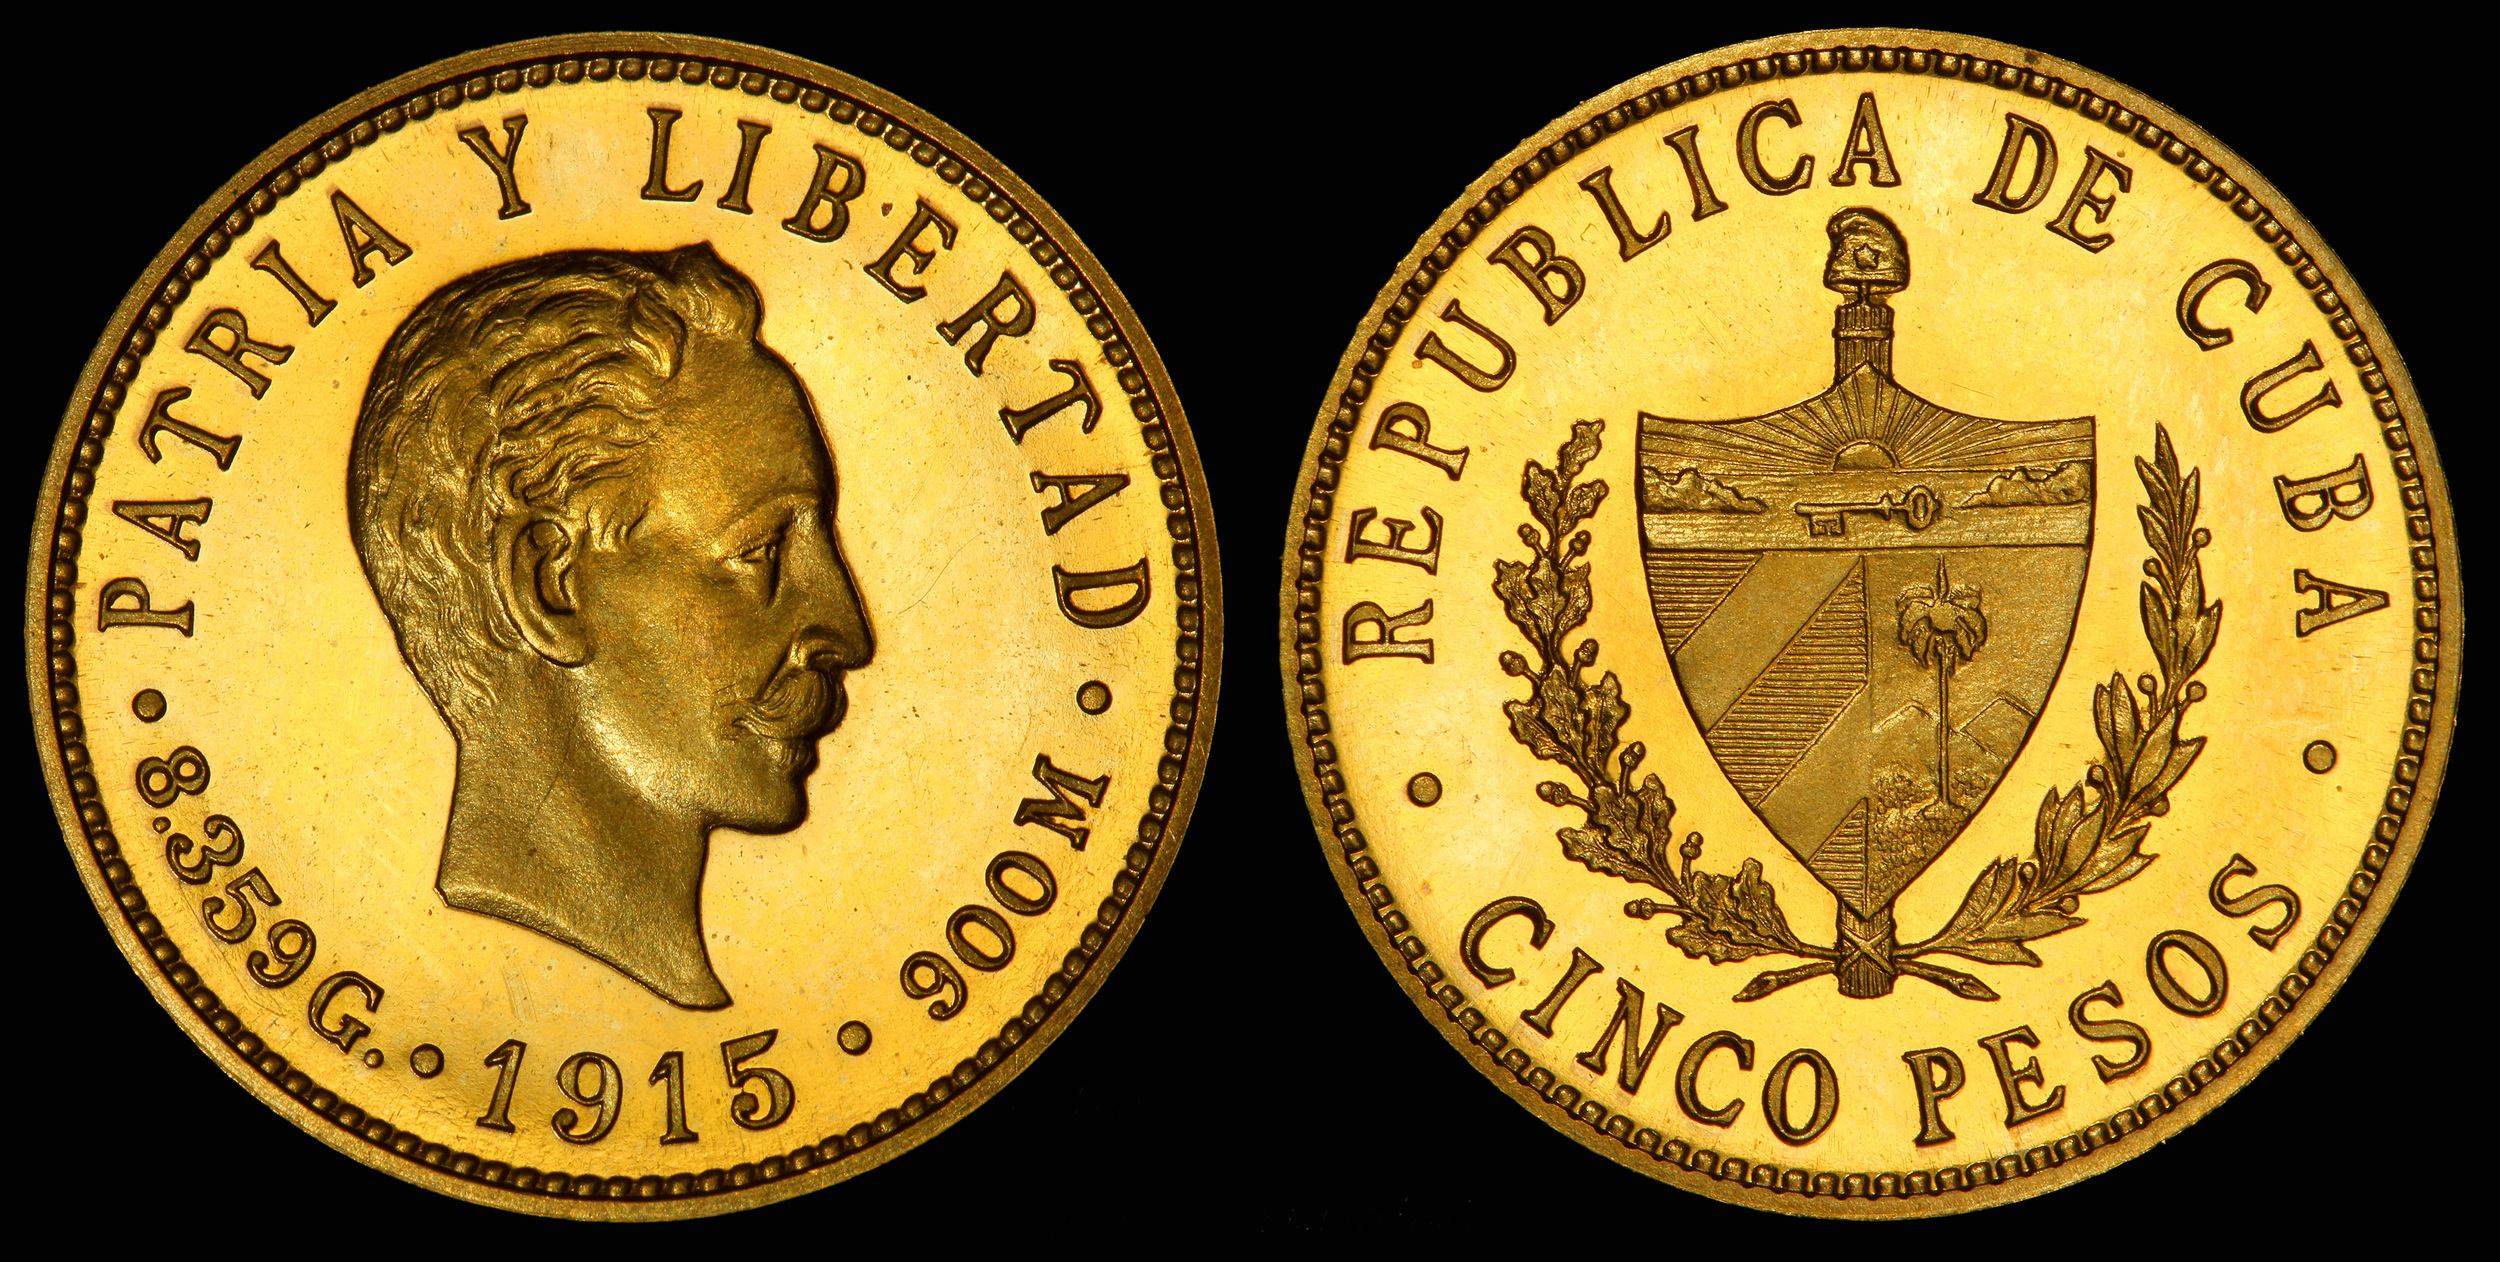 Cuba_1915_5_Pesos.jpg